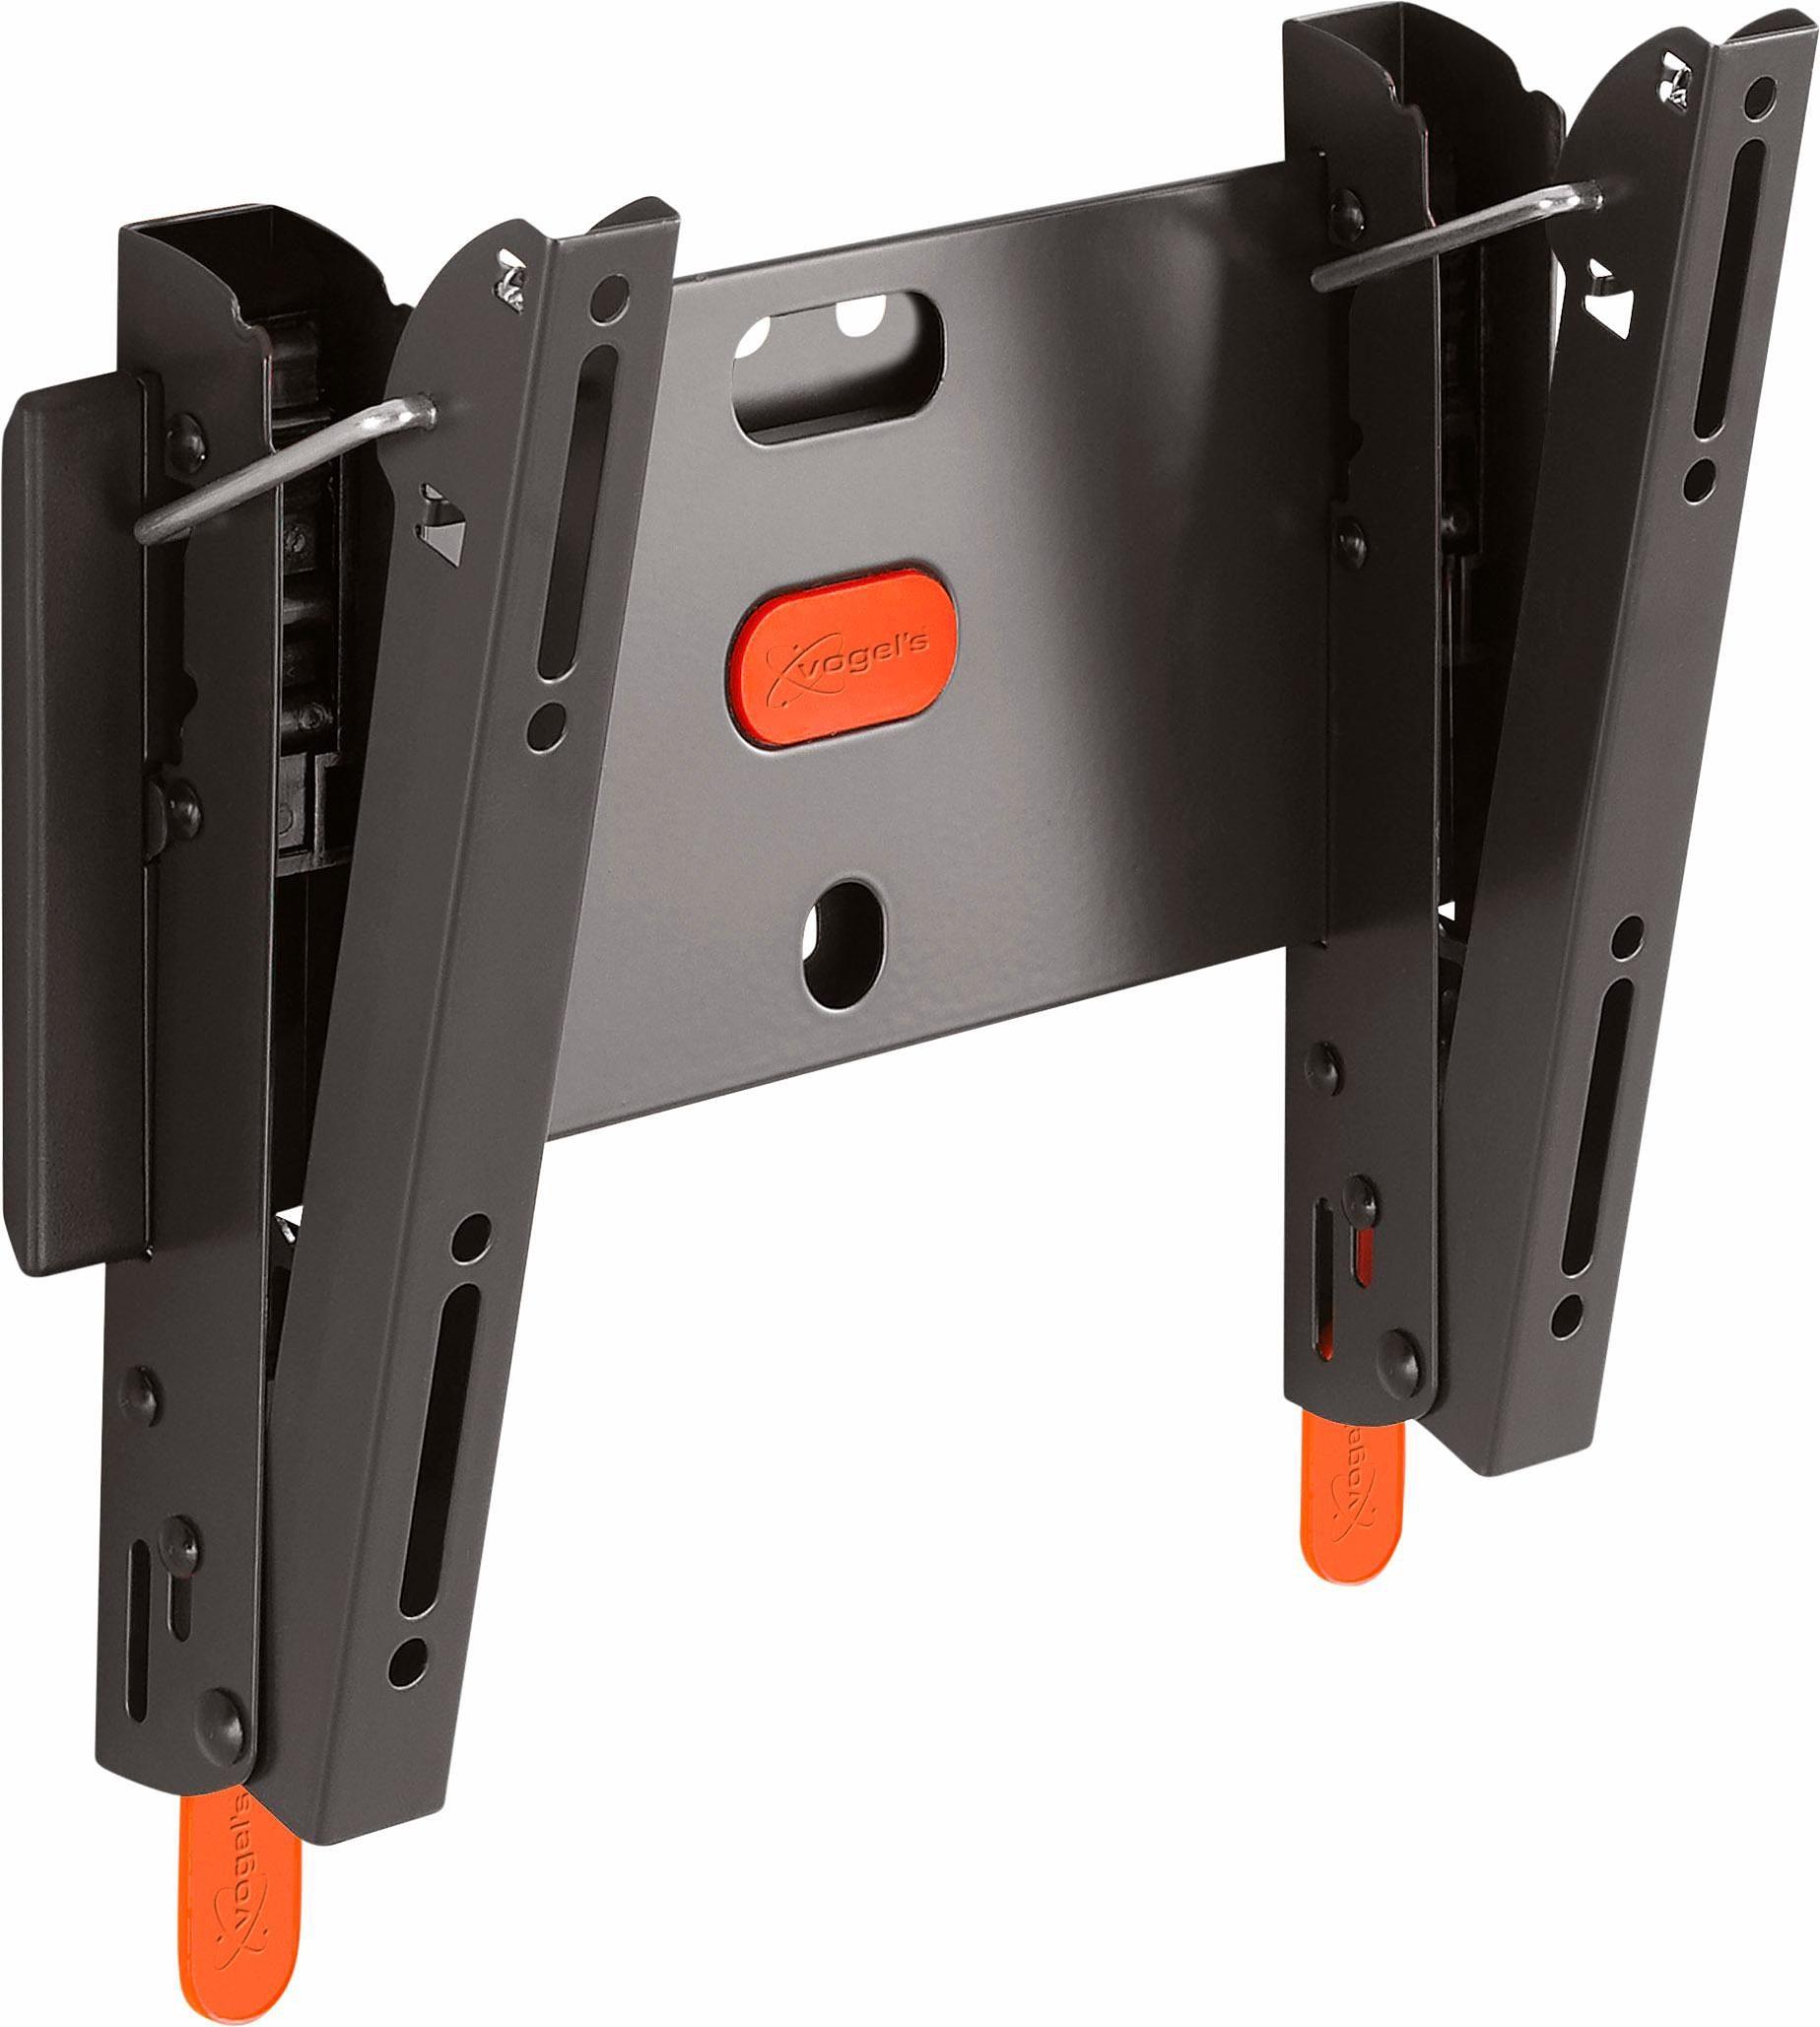 vogel's® TV-Wandhalterung »BASE 15 S« neigbar, für 48-94 cm (19-37 Zoll) Fernseher, VESA 200x200